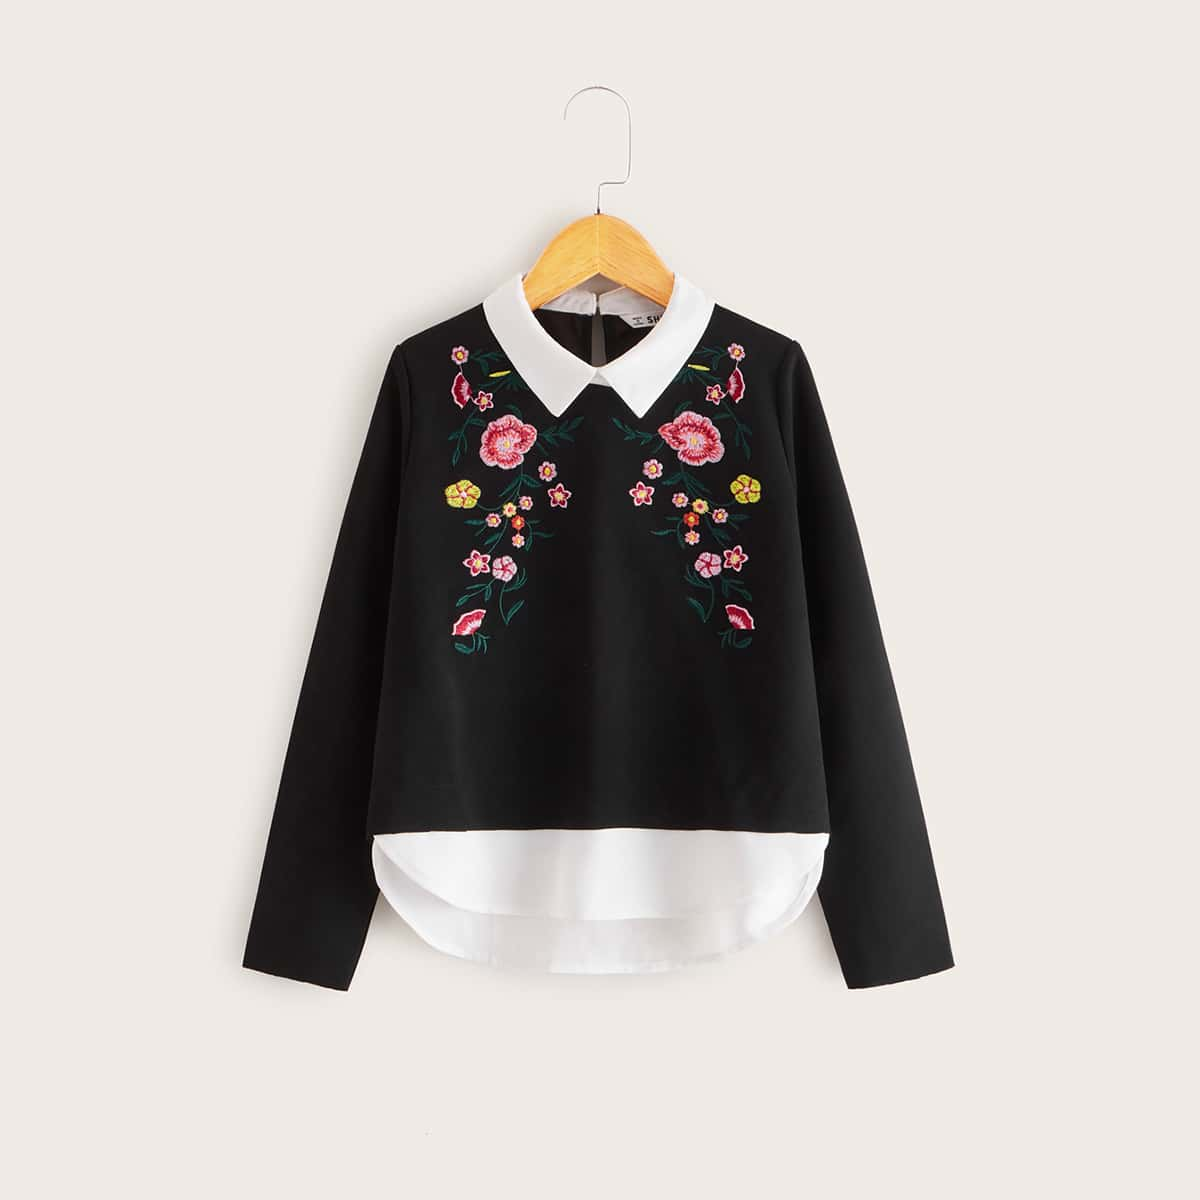 2 в 1 топ с цветочной вышивкой для девочек от SHEIN